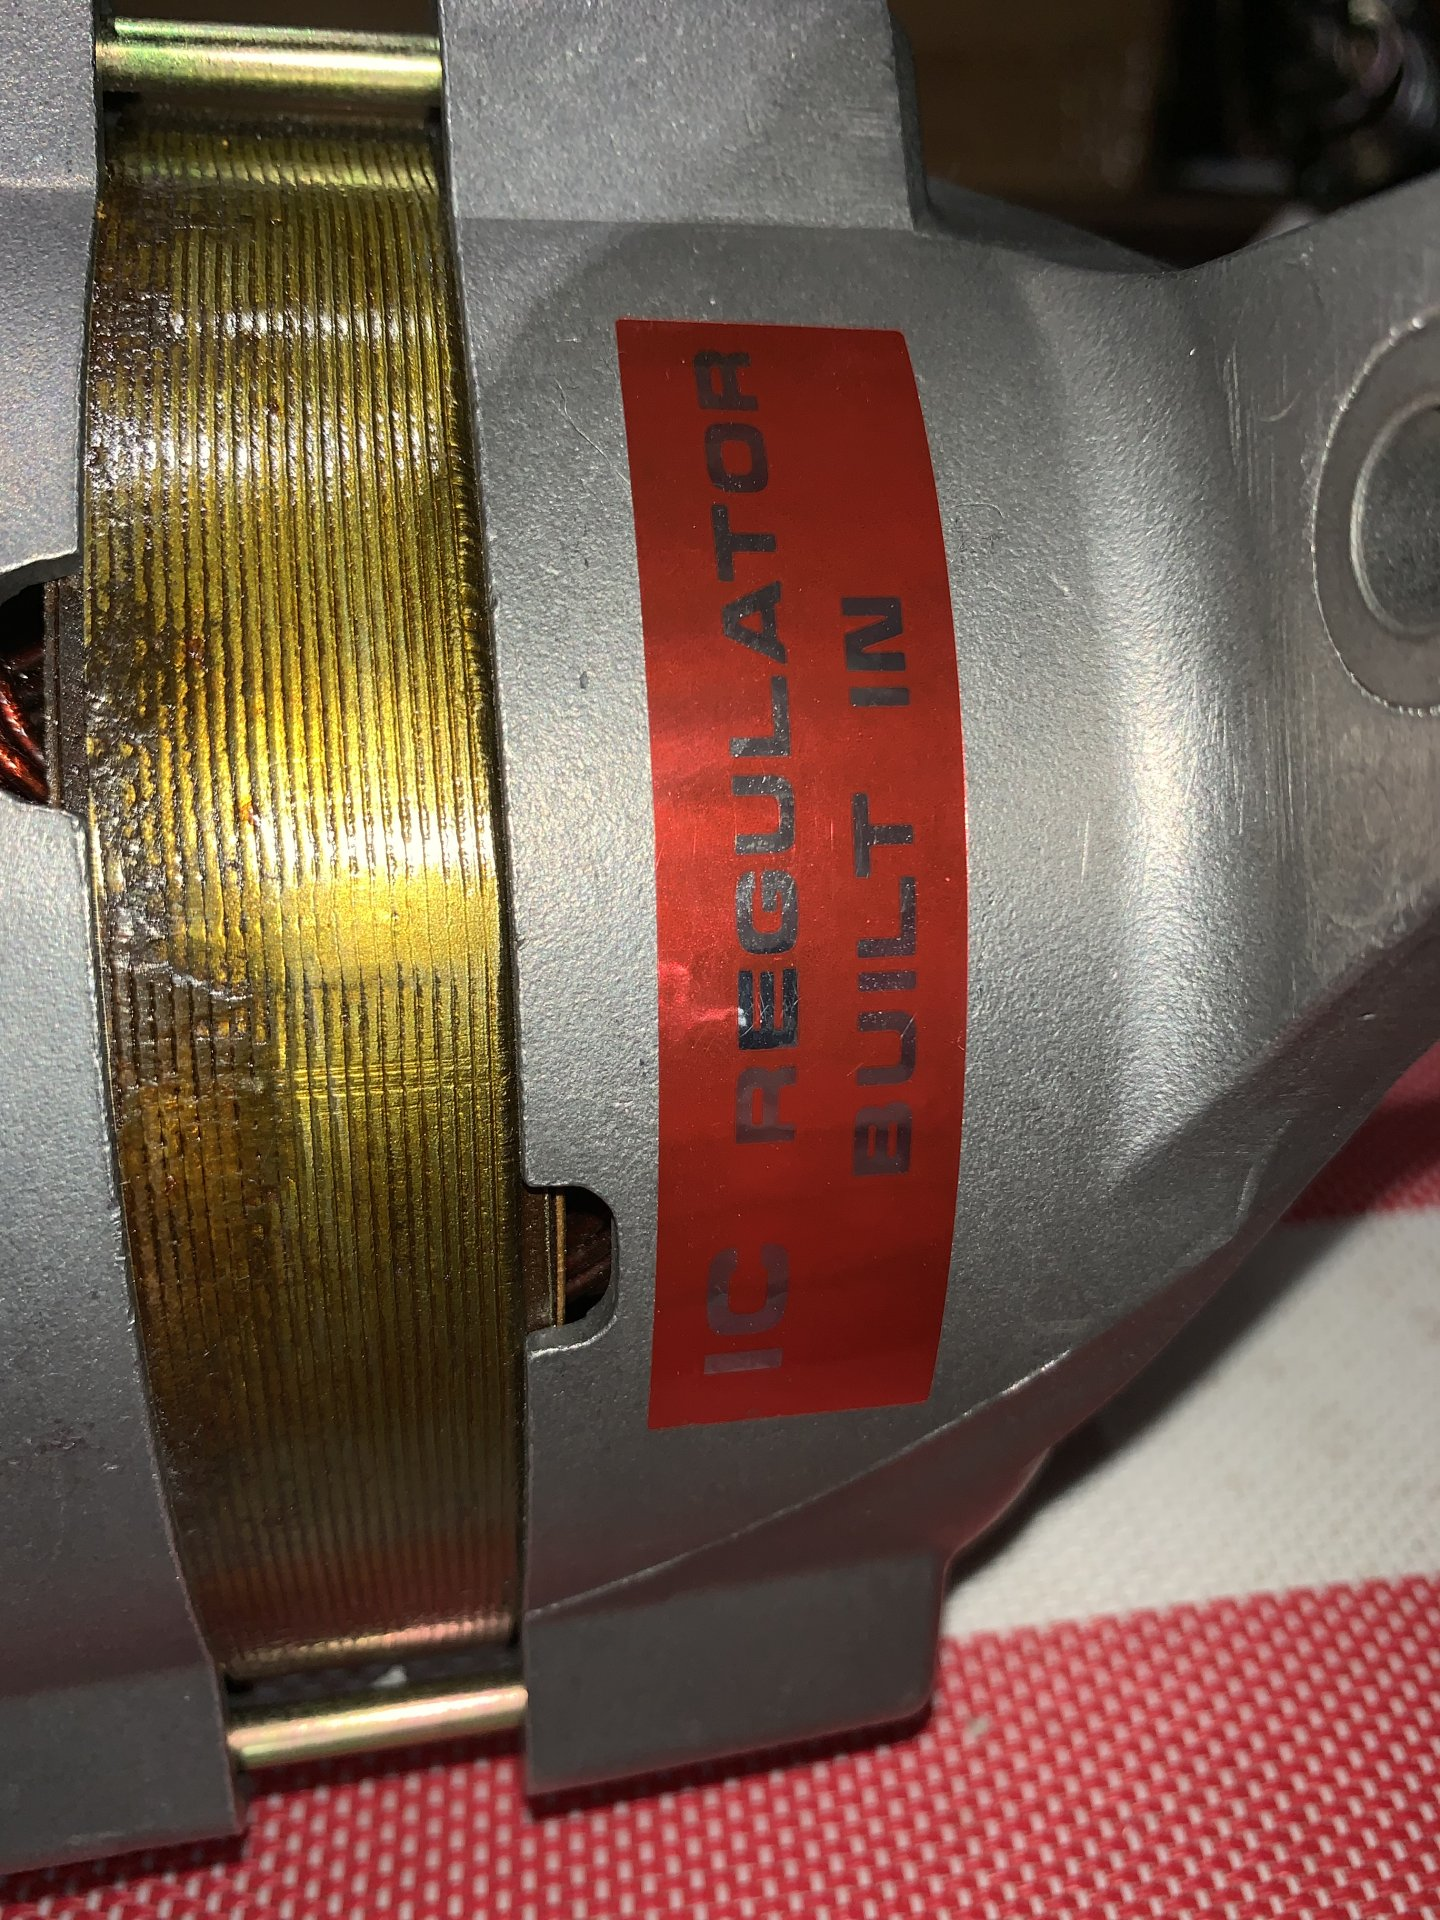 A29DA097-568B-4497-B961-172E85D60AD3.jpeg